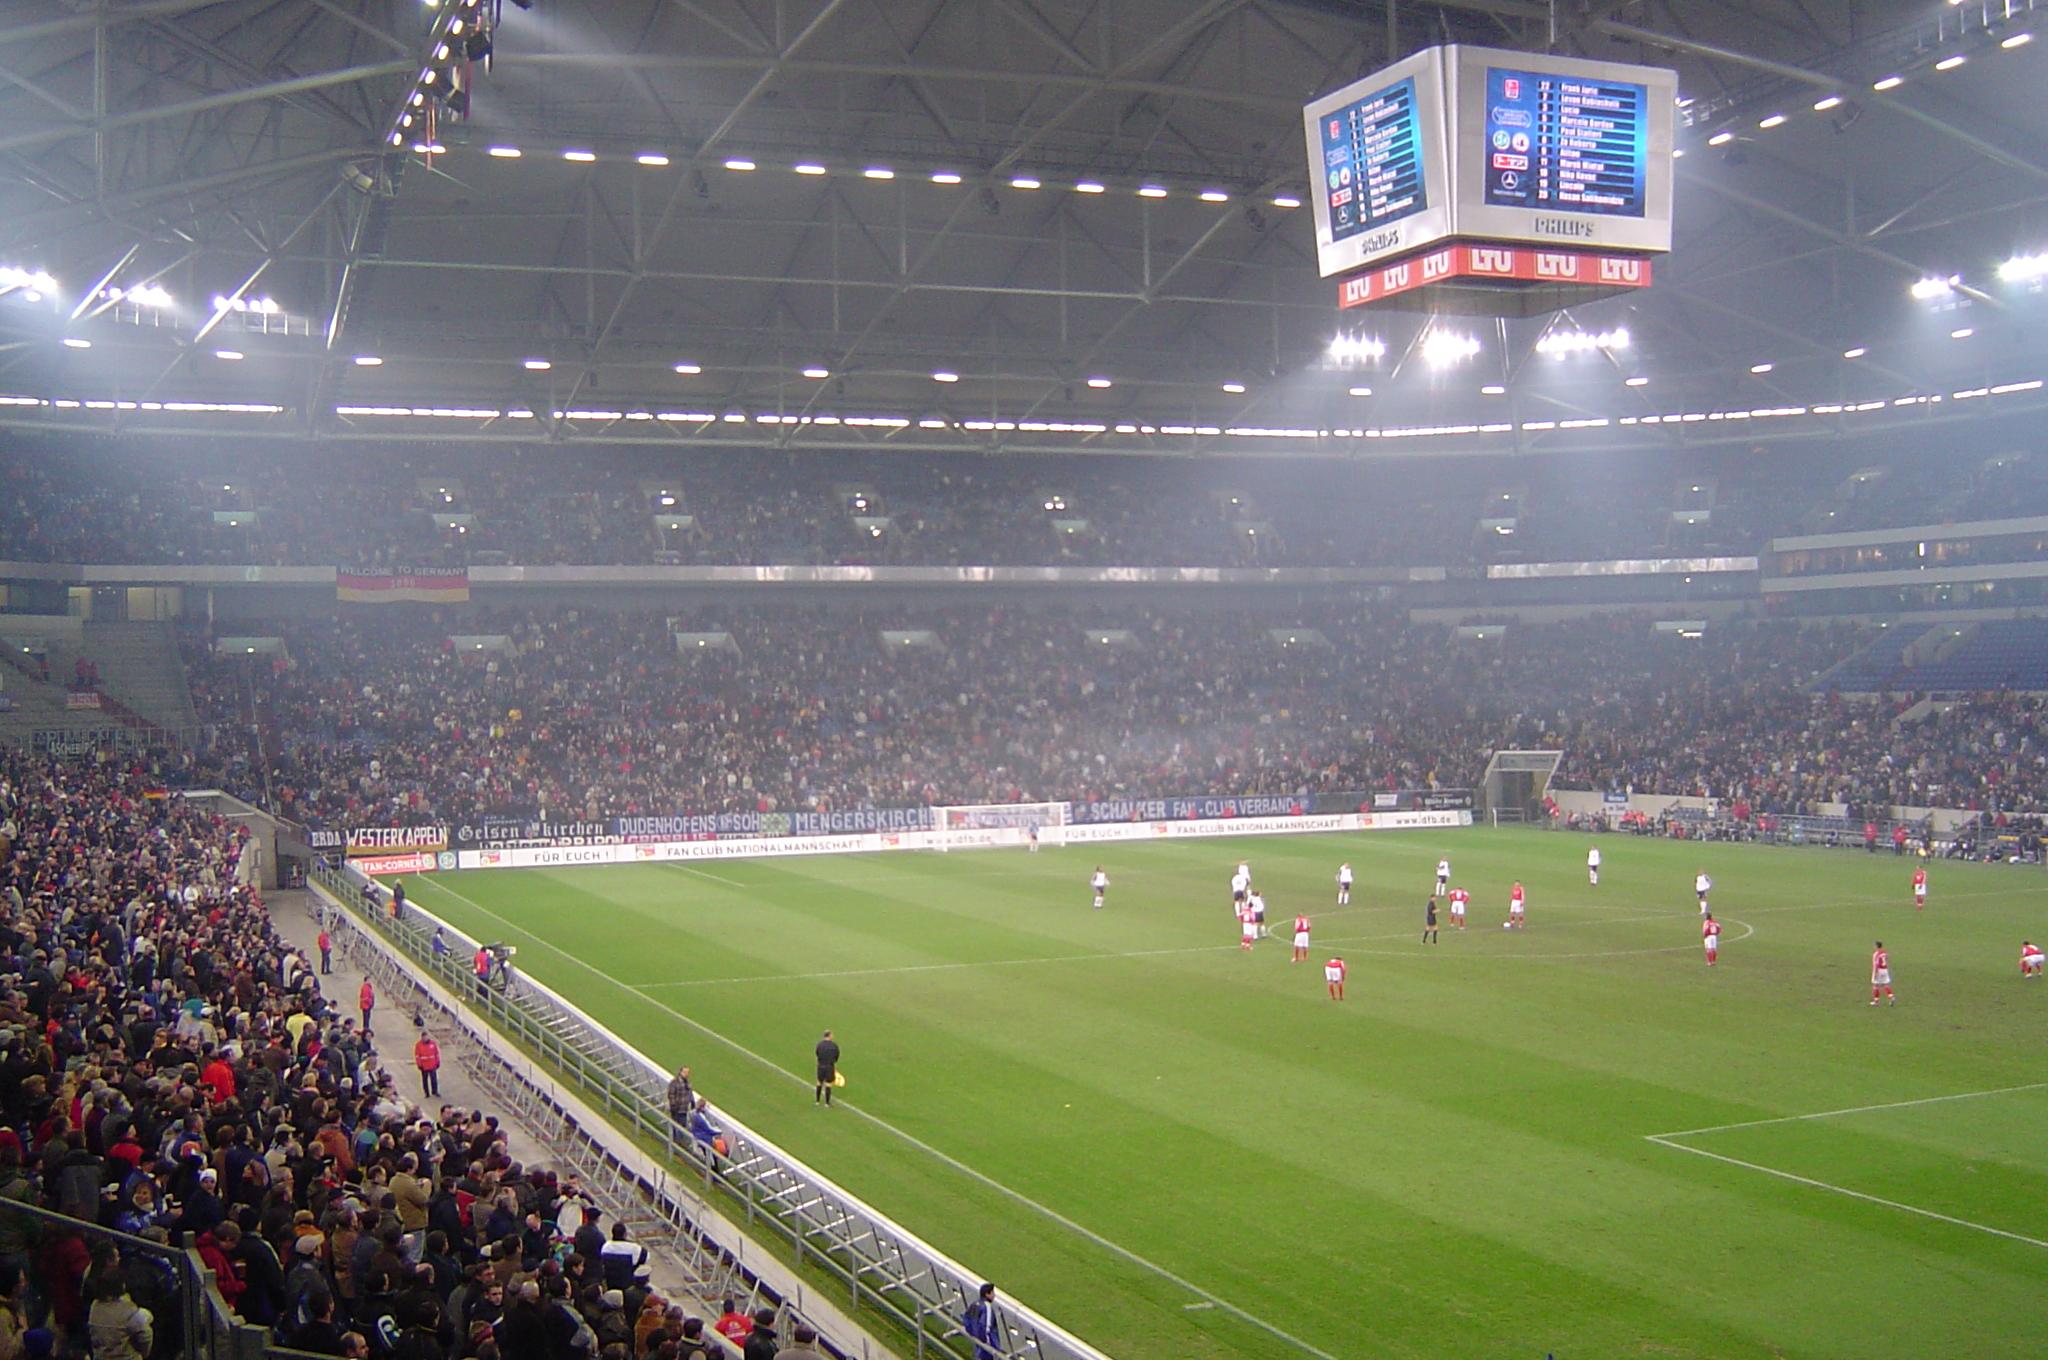 Arena_auf_schalke_gelsenkirchen_germany.JPG